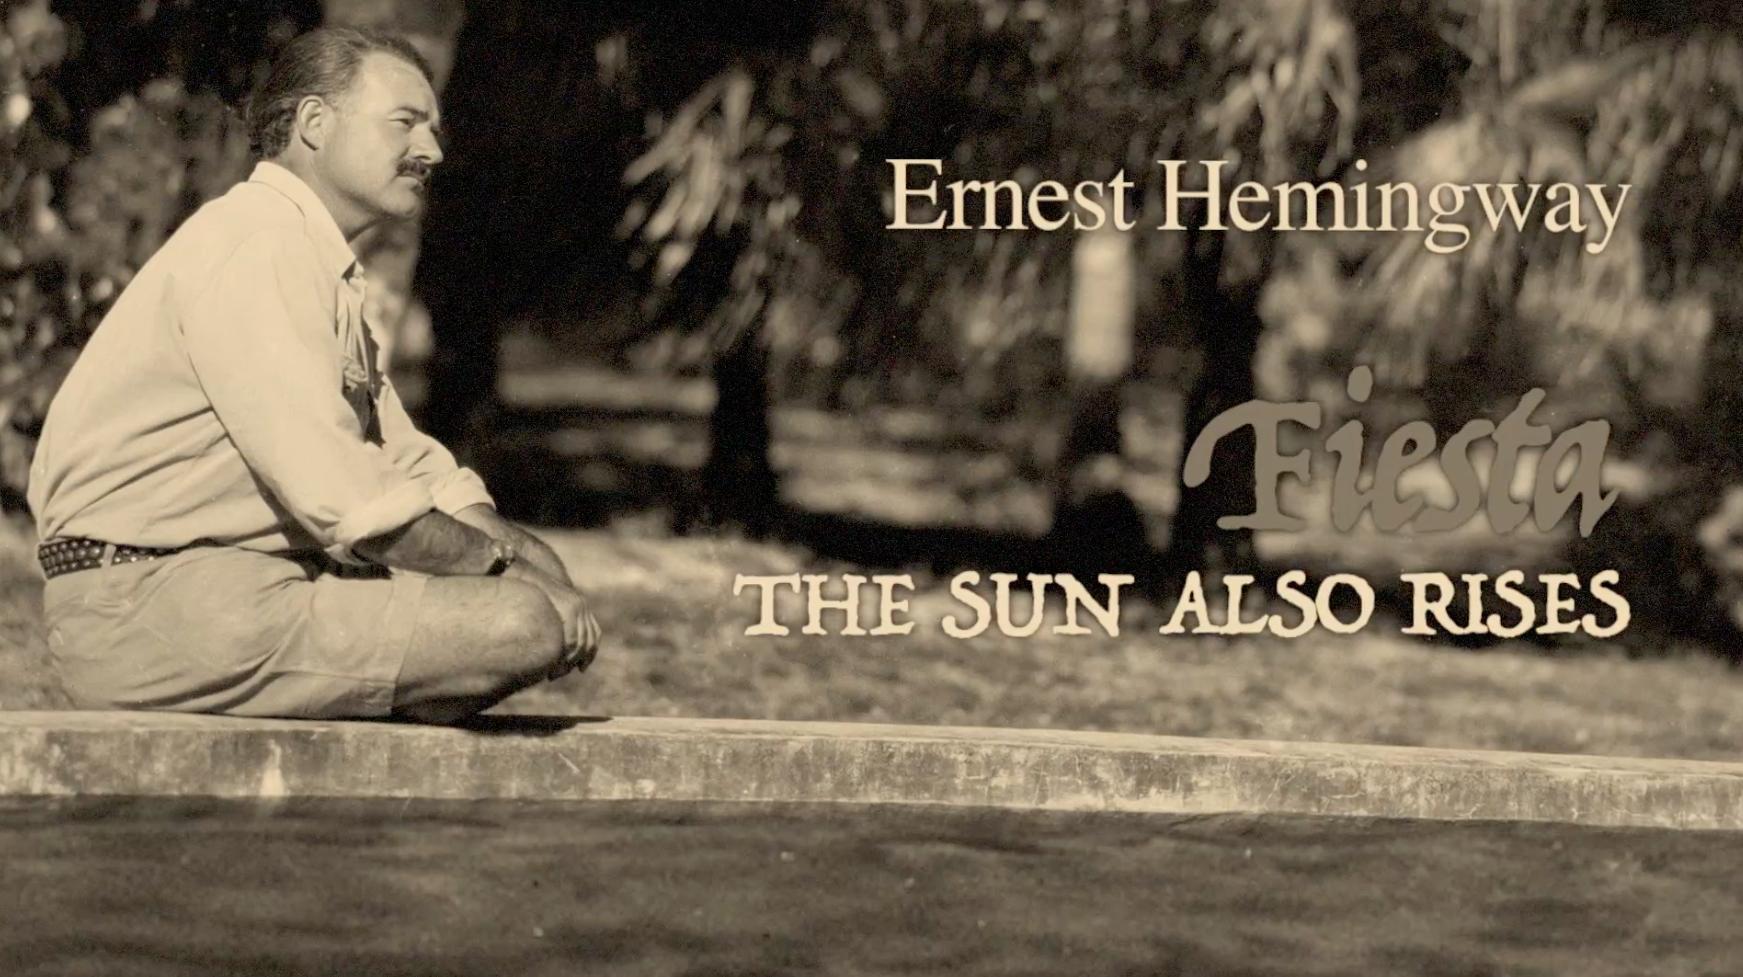 Hemingway-en  bidaia-egunkaria aurkezteko prentsaurrekoa